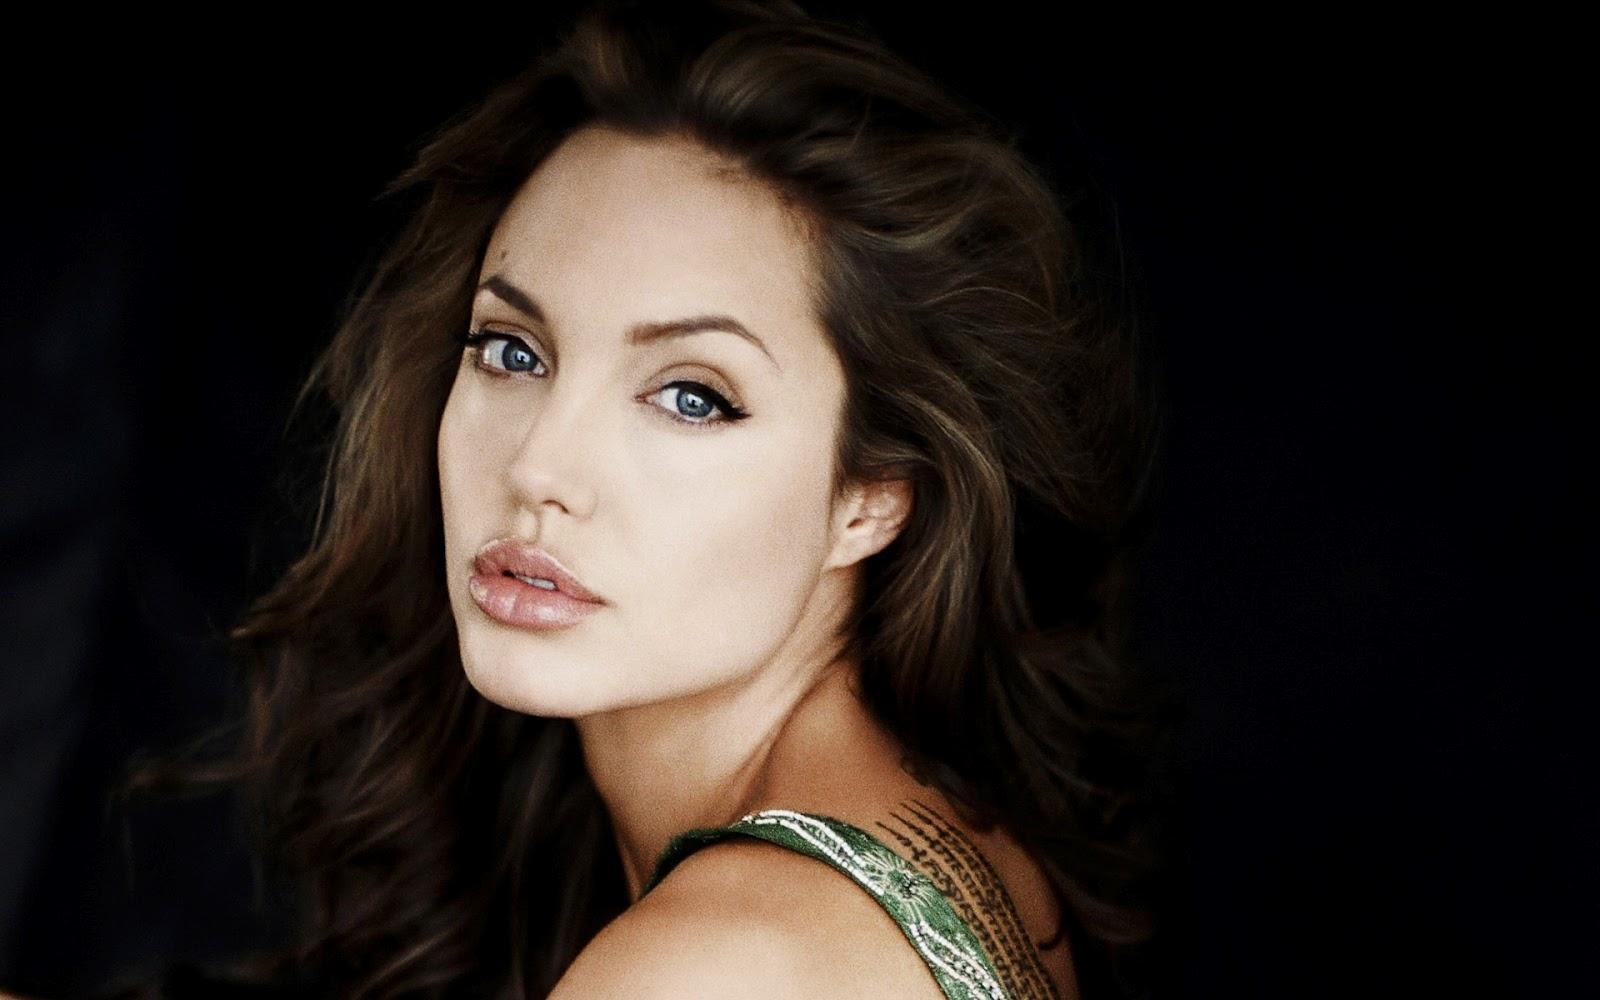 http://2.bp.blogspot.com/-bFIPtYQF9vU/UBTmIT8ZFQI/AAAAAAAAMc0/nHY6moNt8eA/s1600/Angelina-Jolie-352.jpg